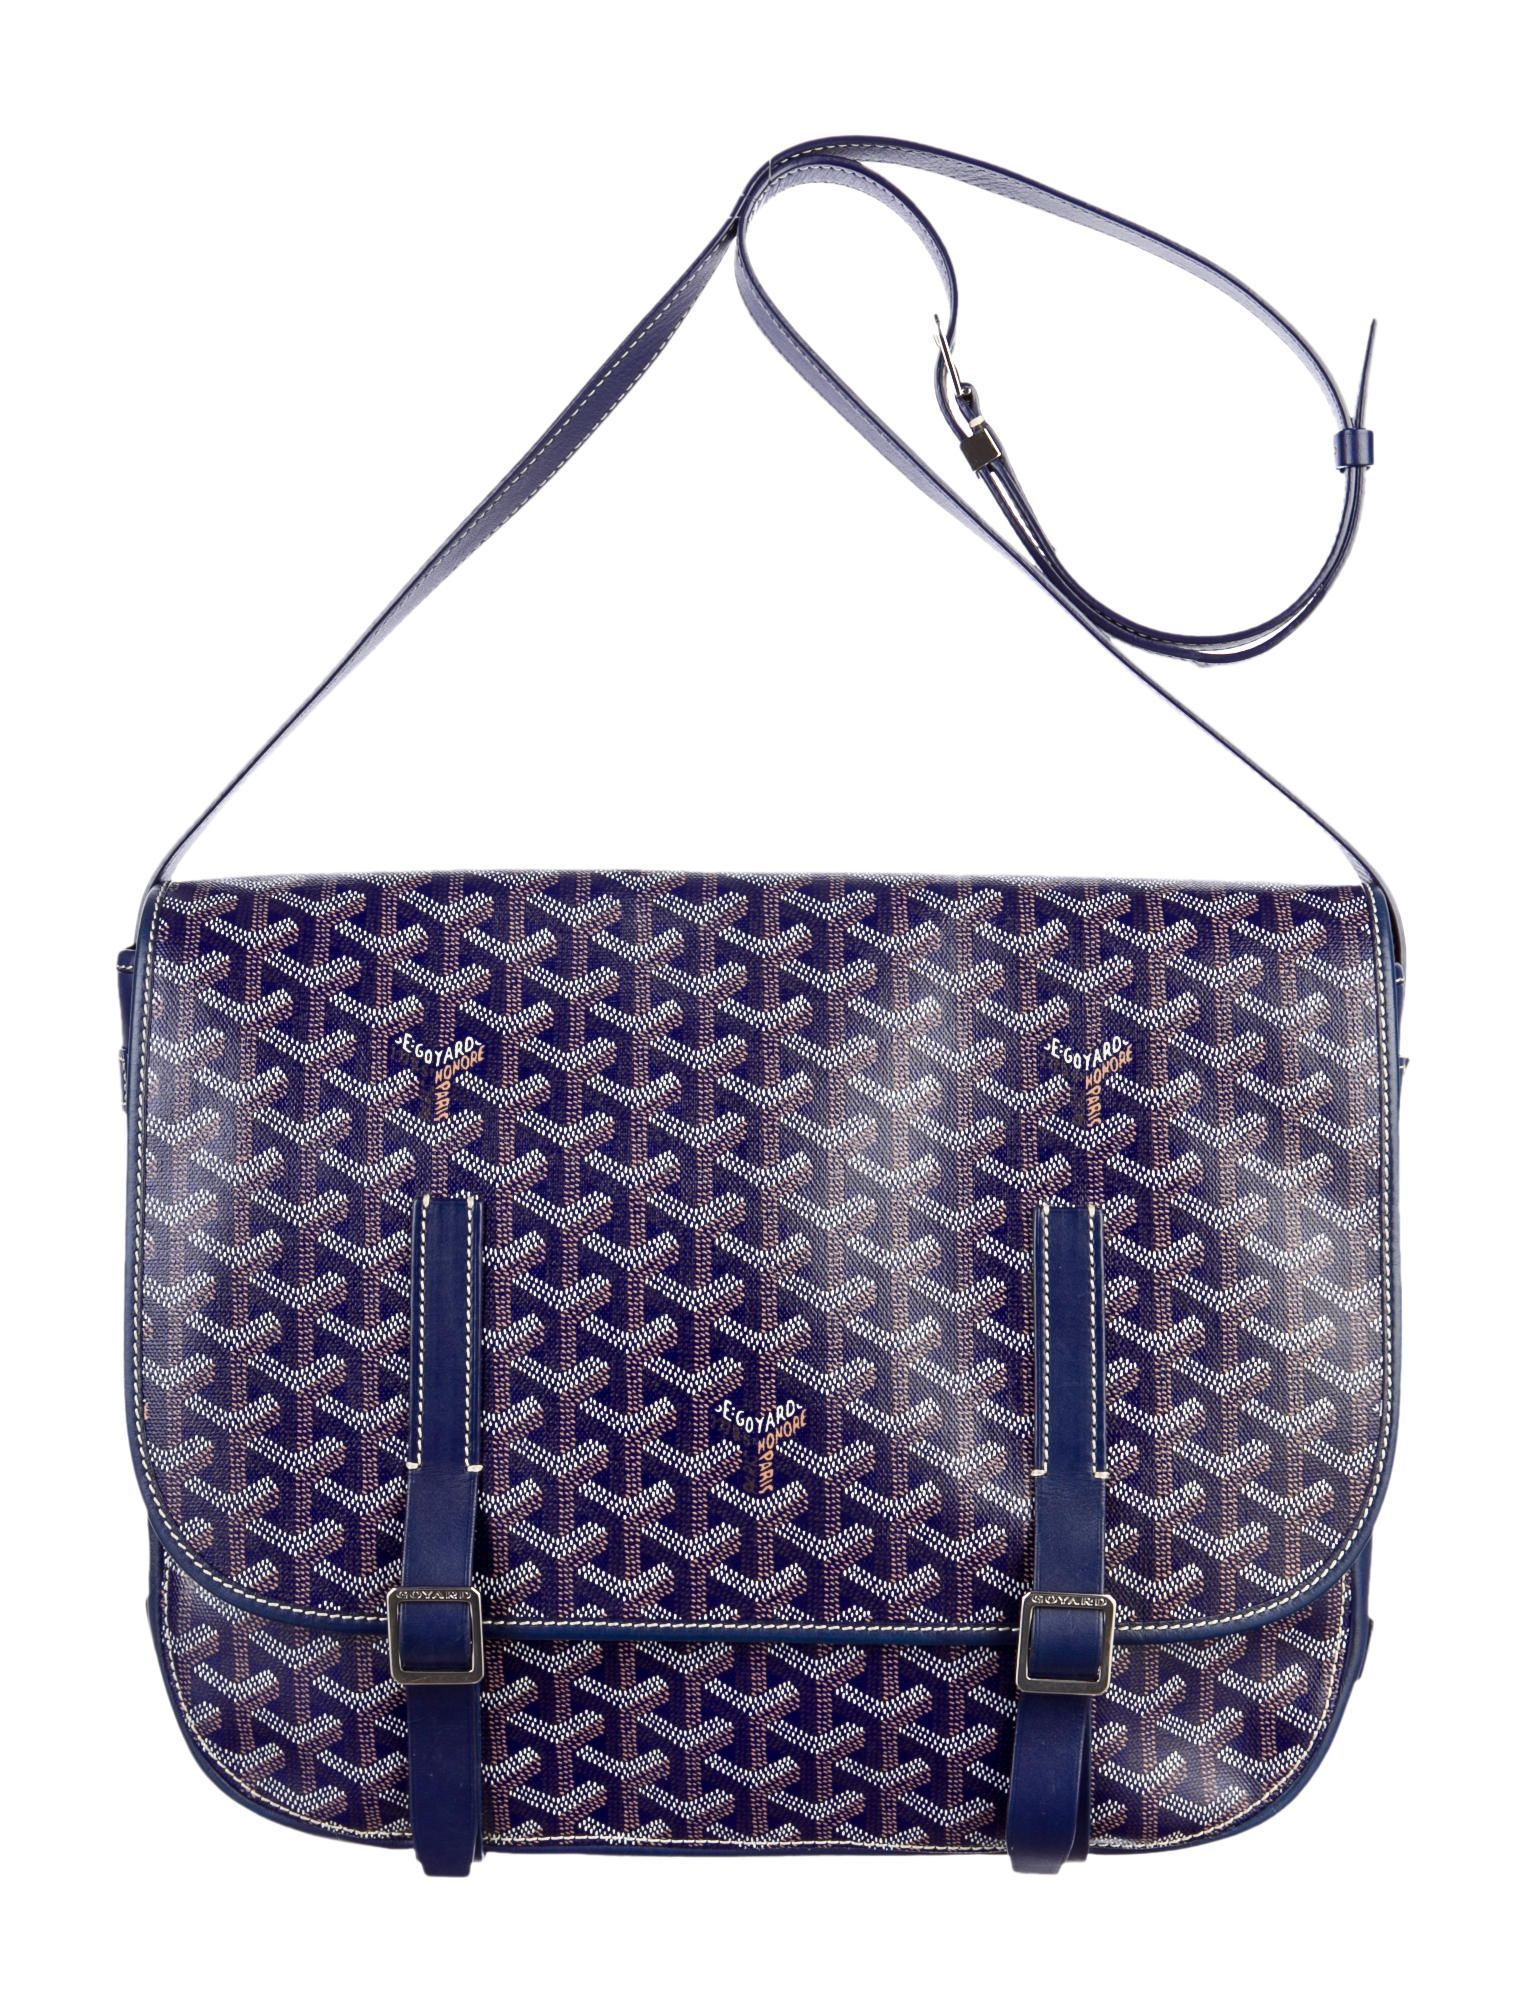 2555ef7eb6f8 Goyard Belvedere Messenger Bag